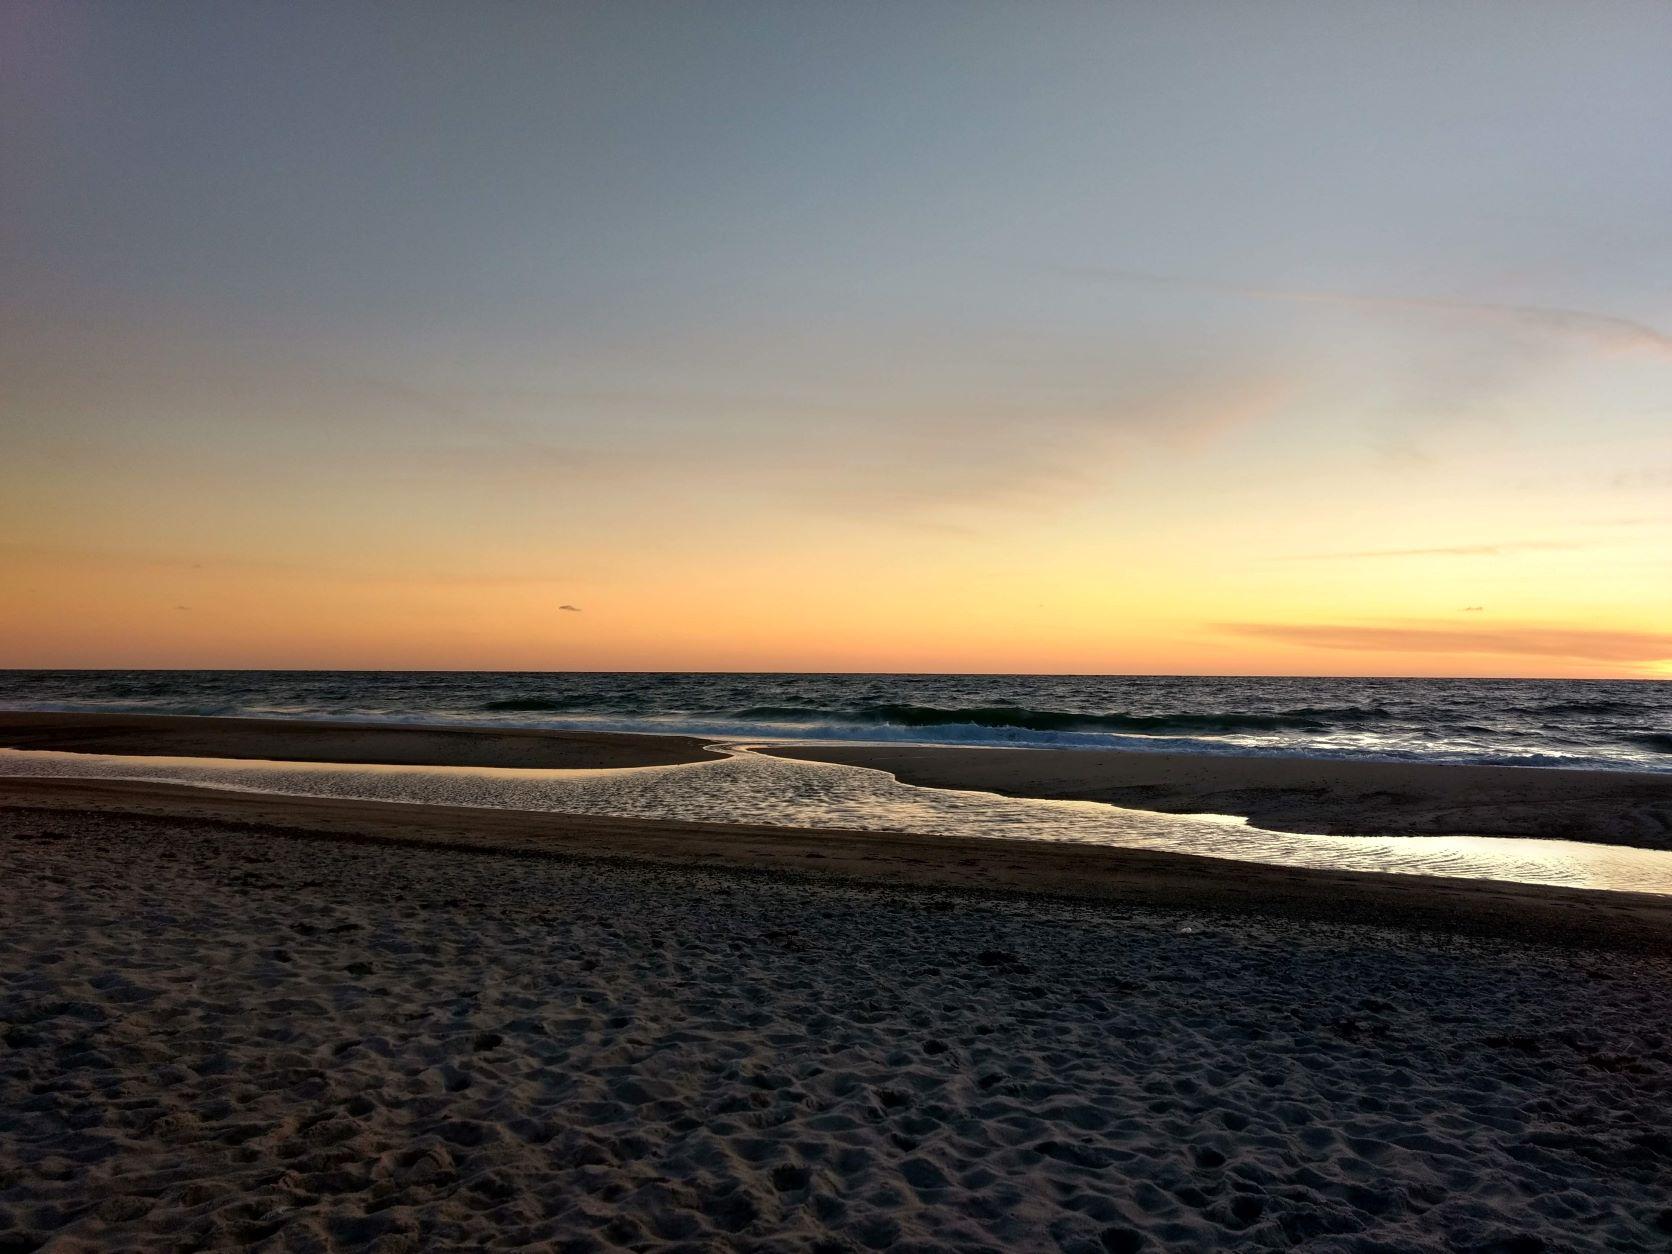 Ein Strand im Sonnenuntergang, im Hintergrund ein zartes Orange, im Vordergrund das Meer - ein weiterer meiner 16 Wünsche